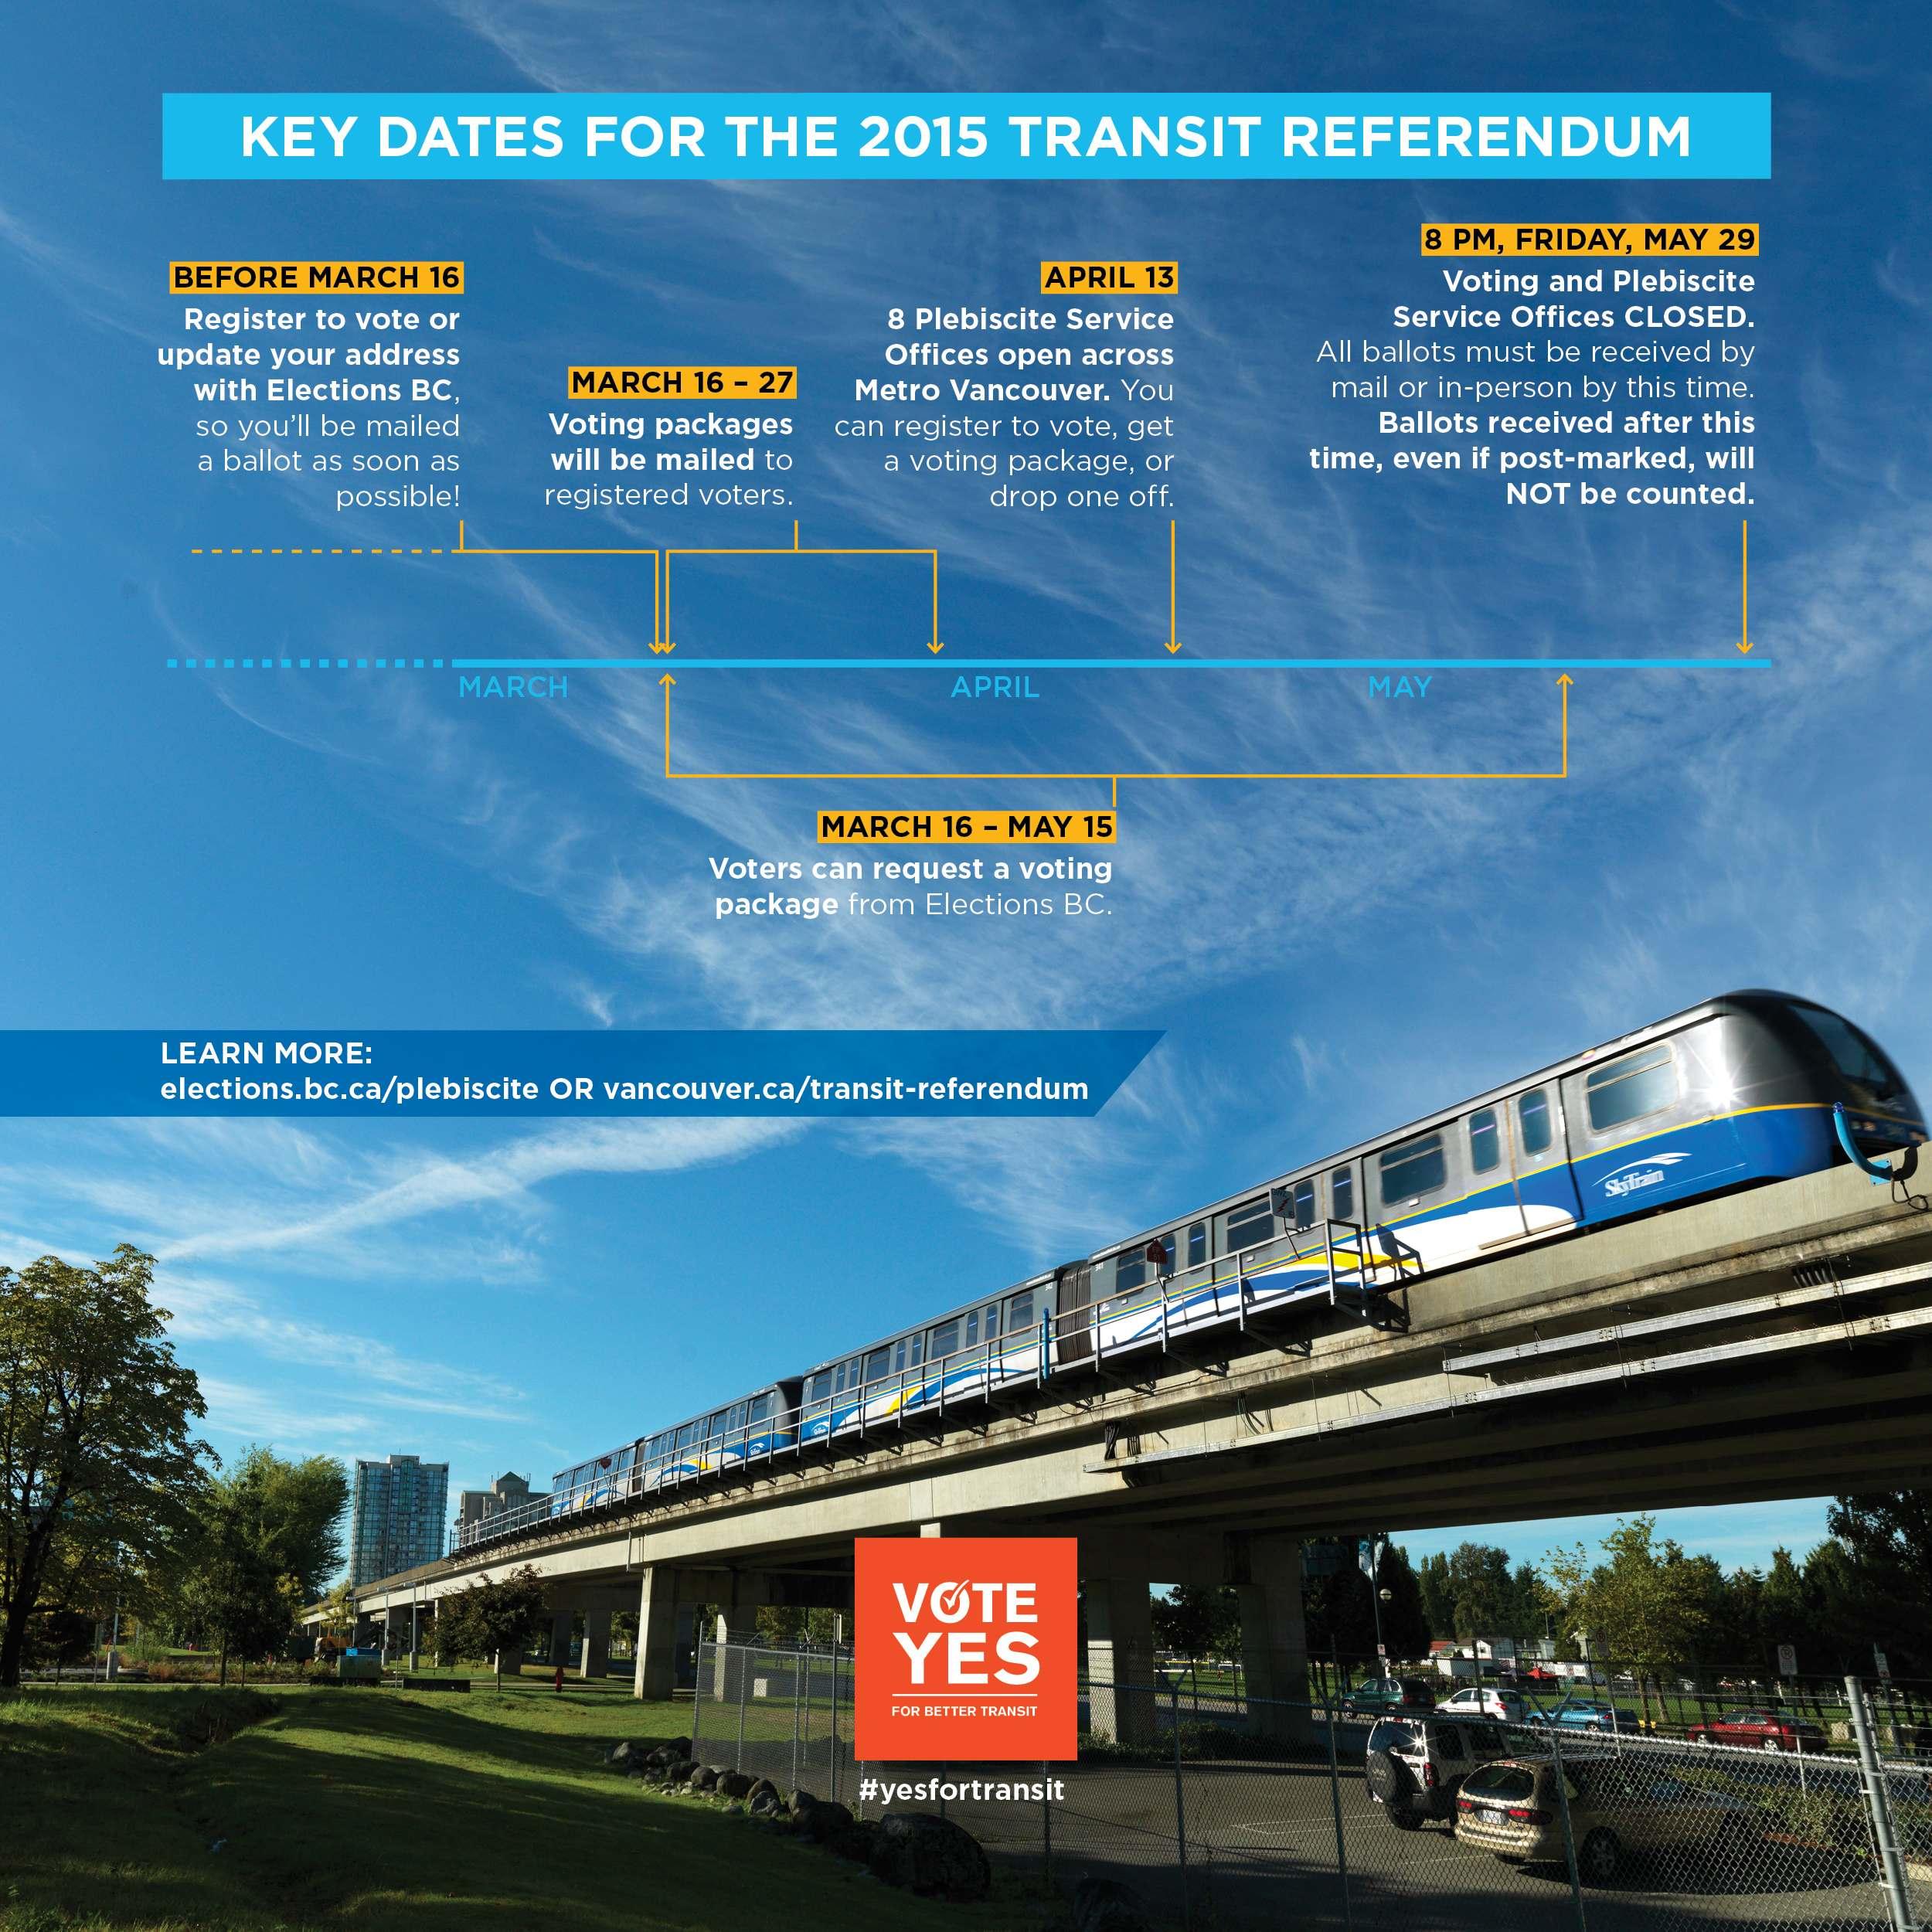 Transit Referendum Timeline